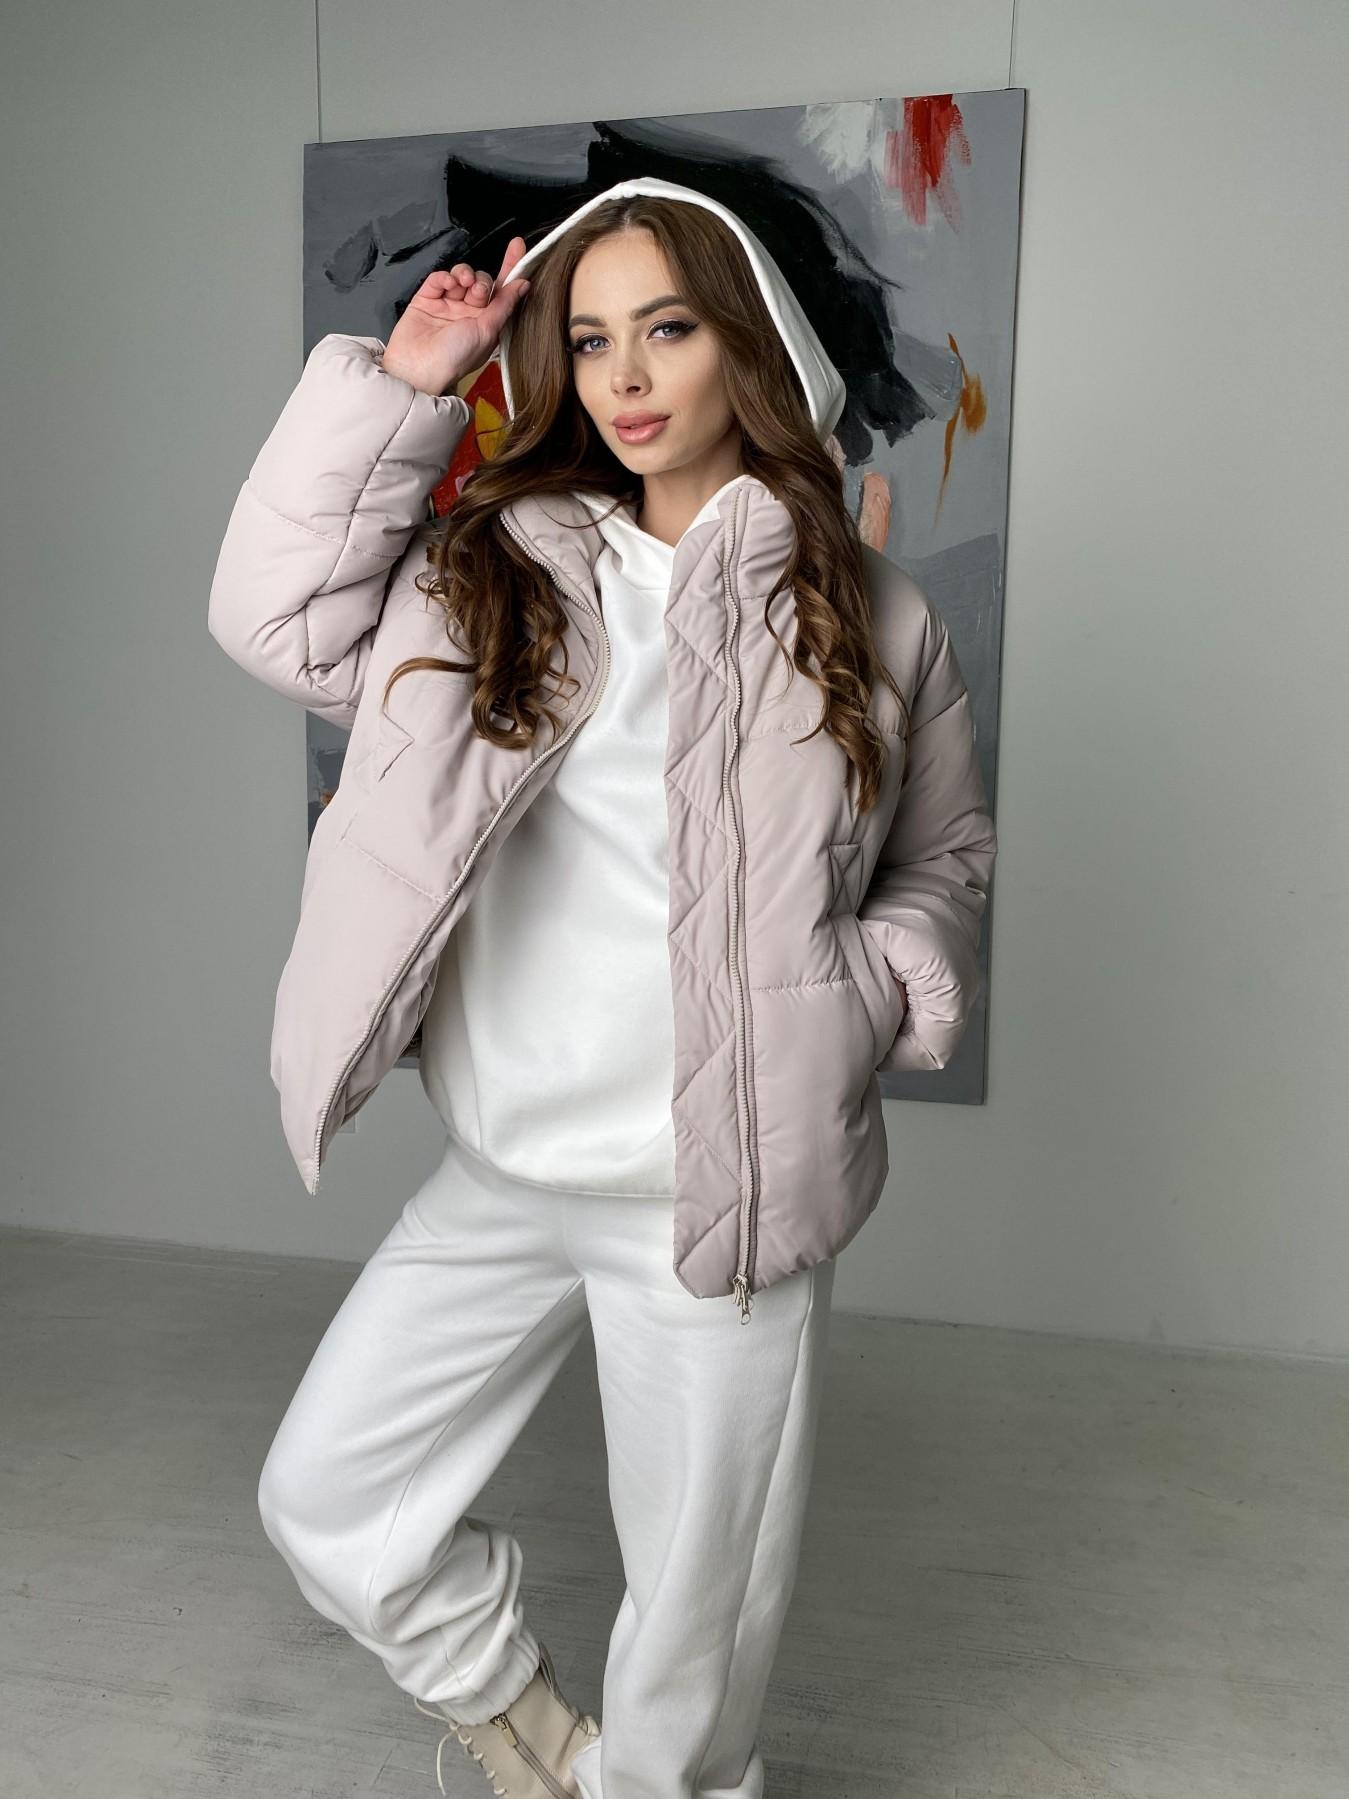 Муд куртка из плащевой ткани 10509 АРТ. 46853 Цвет: Бежевый 511 - фото 1, интернет магазин tm-modus.ru